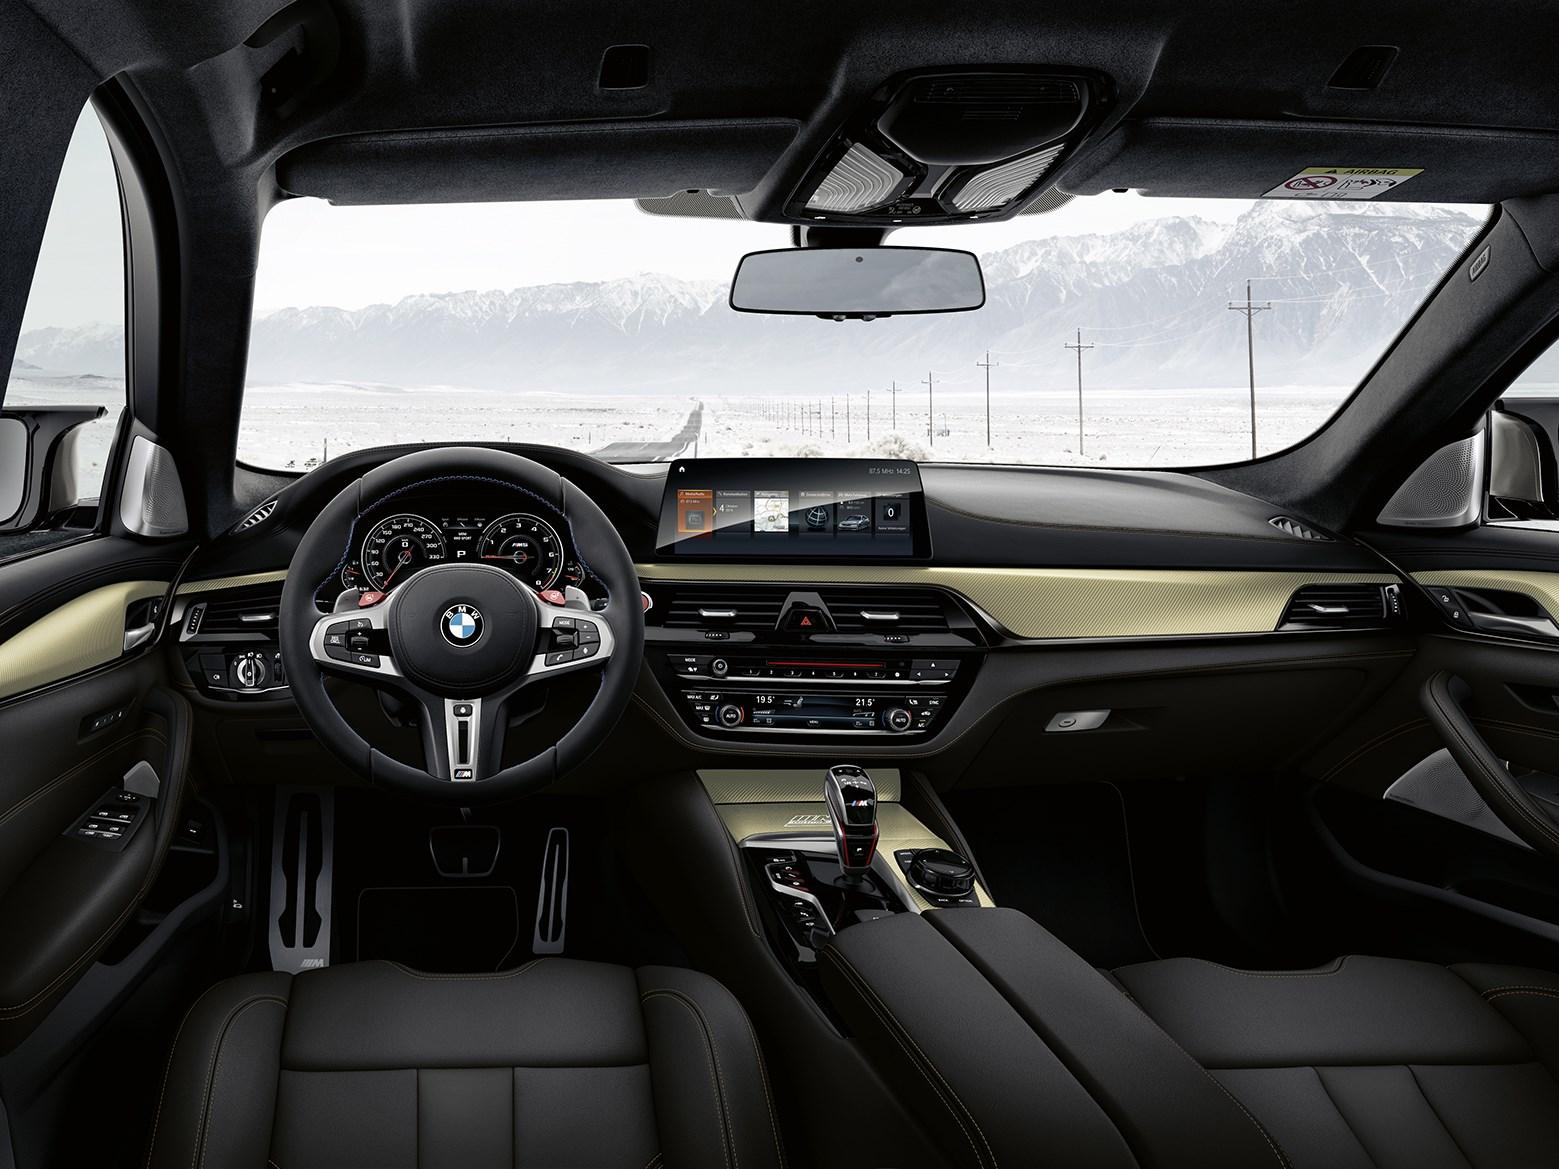 独BMW、M5の35周年限定車を発表  豪華装備をふんだんに採用